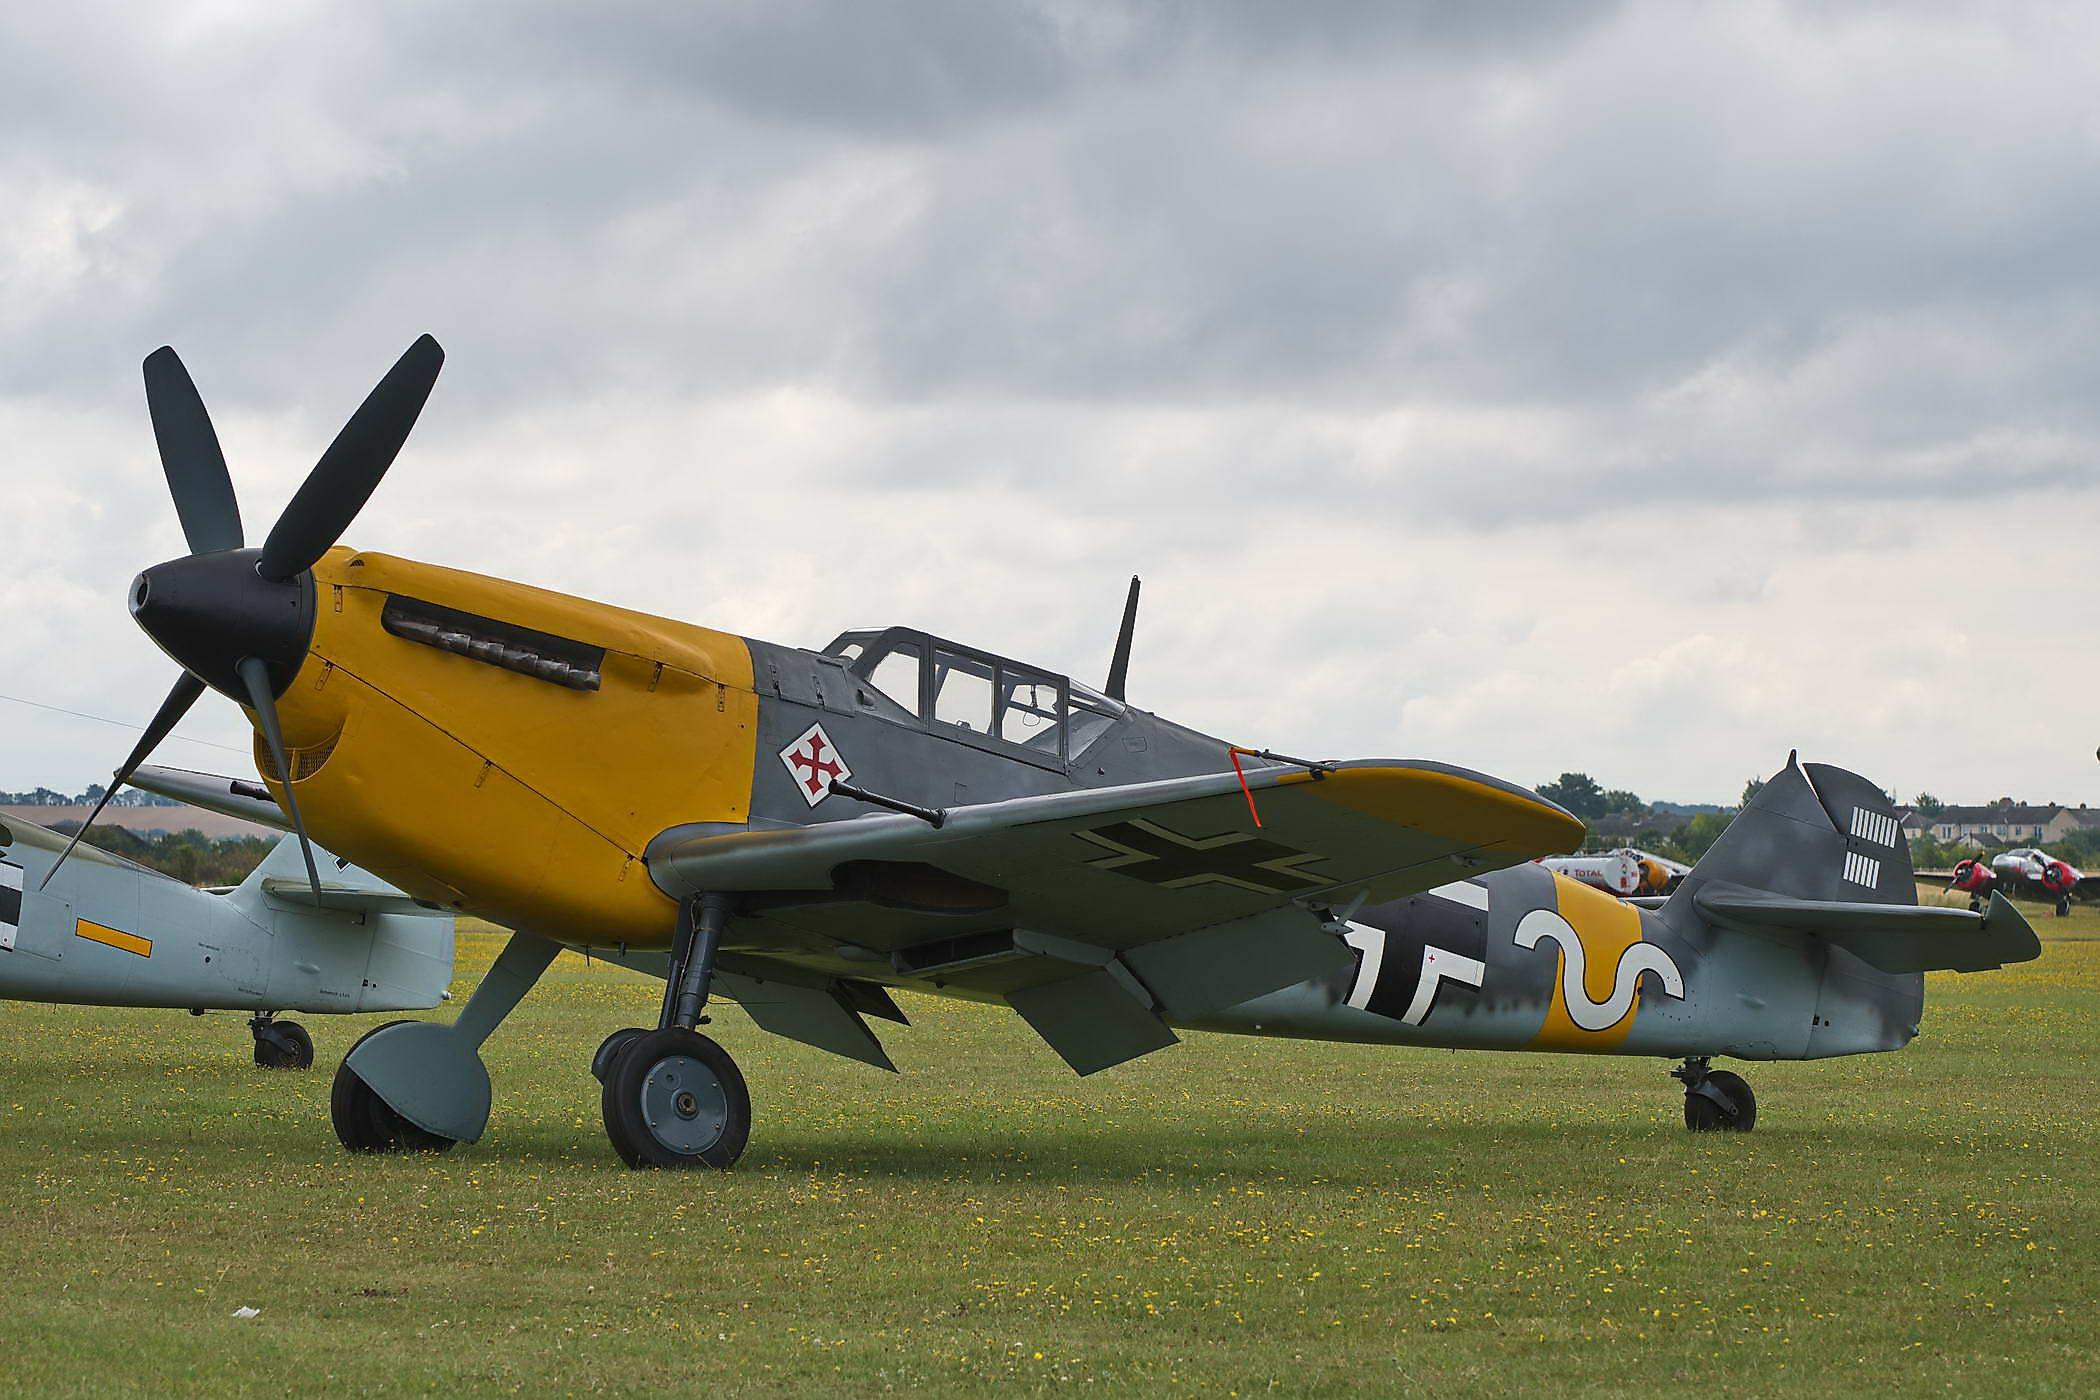 Hispano HA-1112-M1L Buchon C.4K-105-G-AWHH